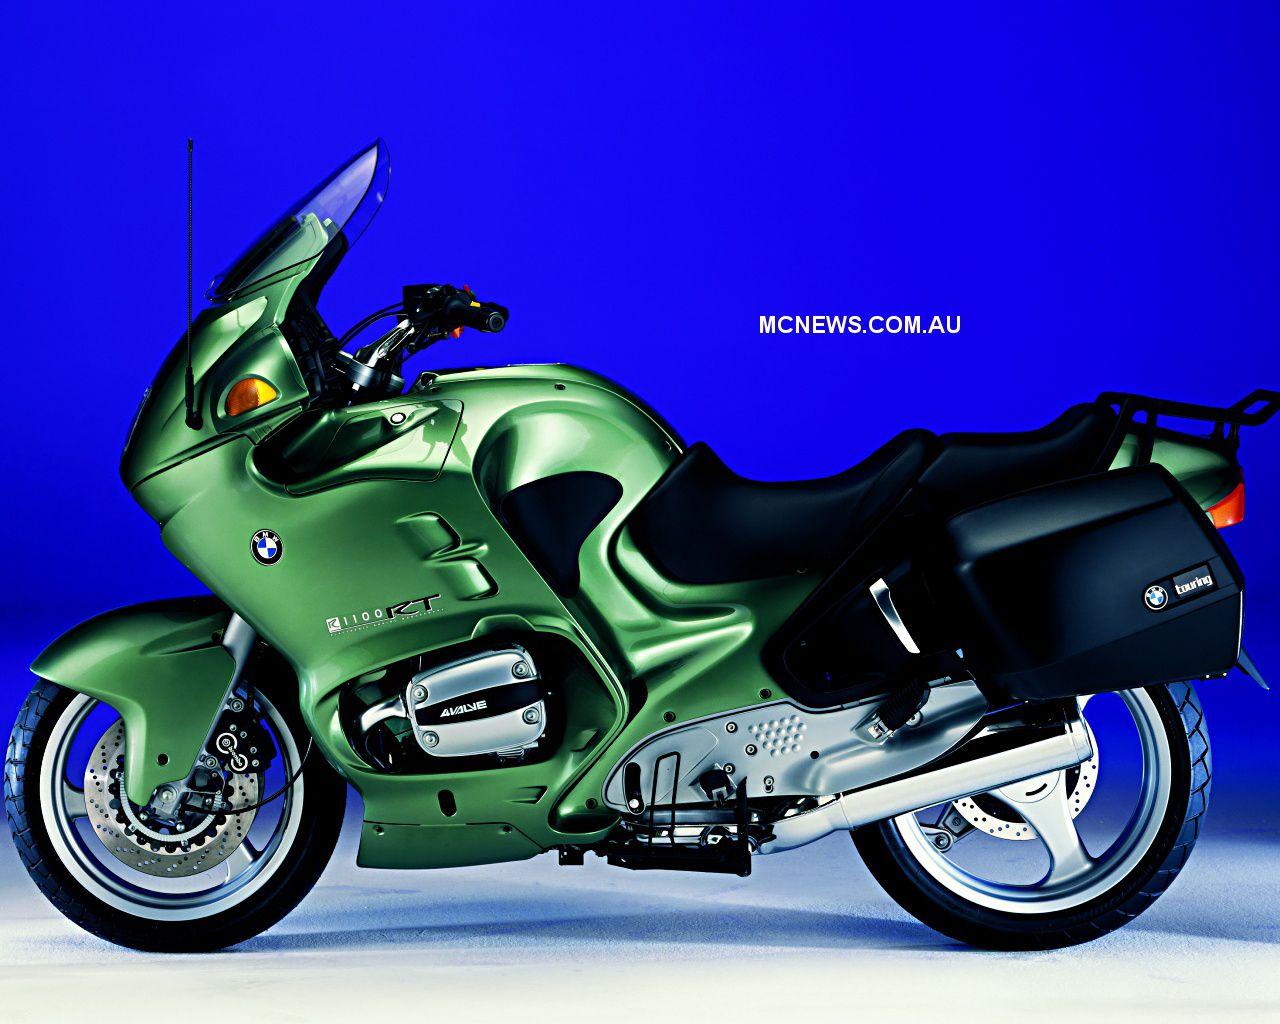 Bmw motorycle r 100 rt series